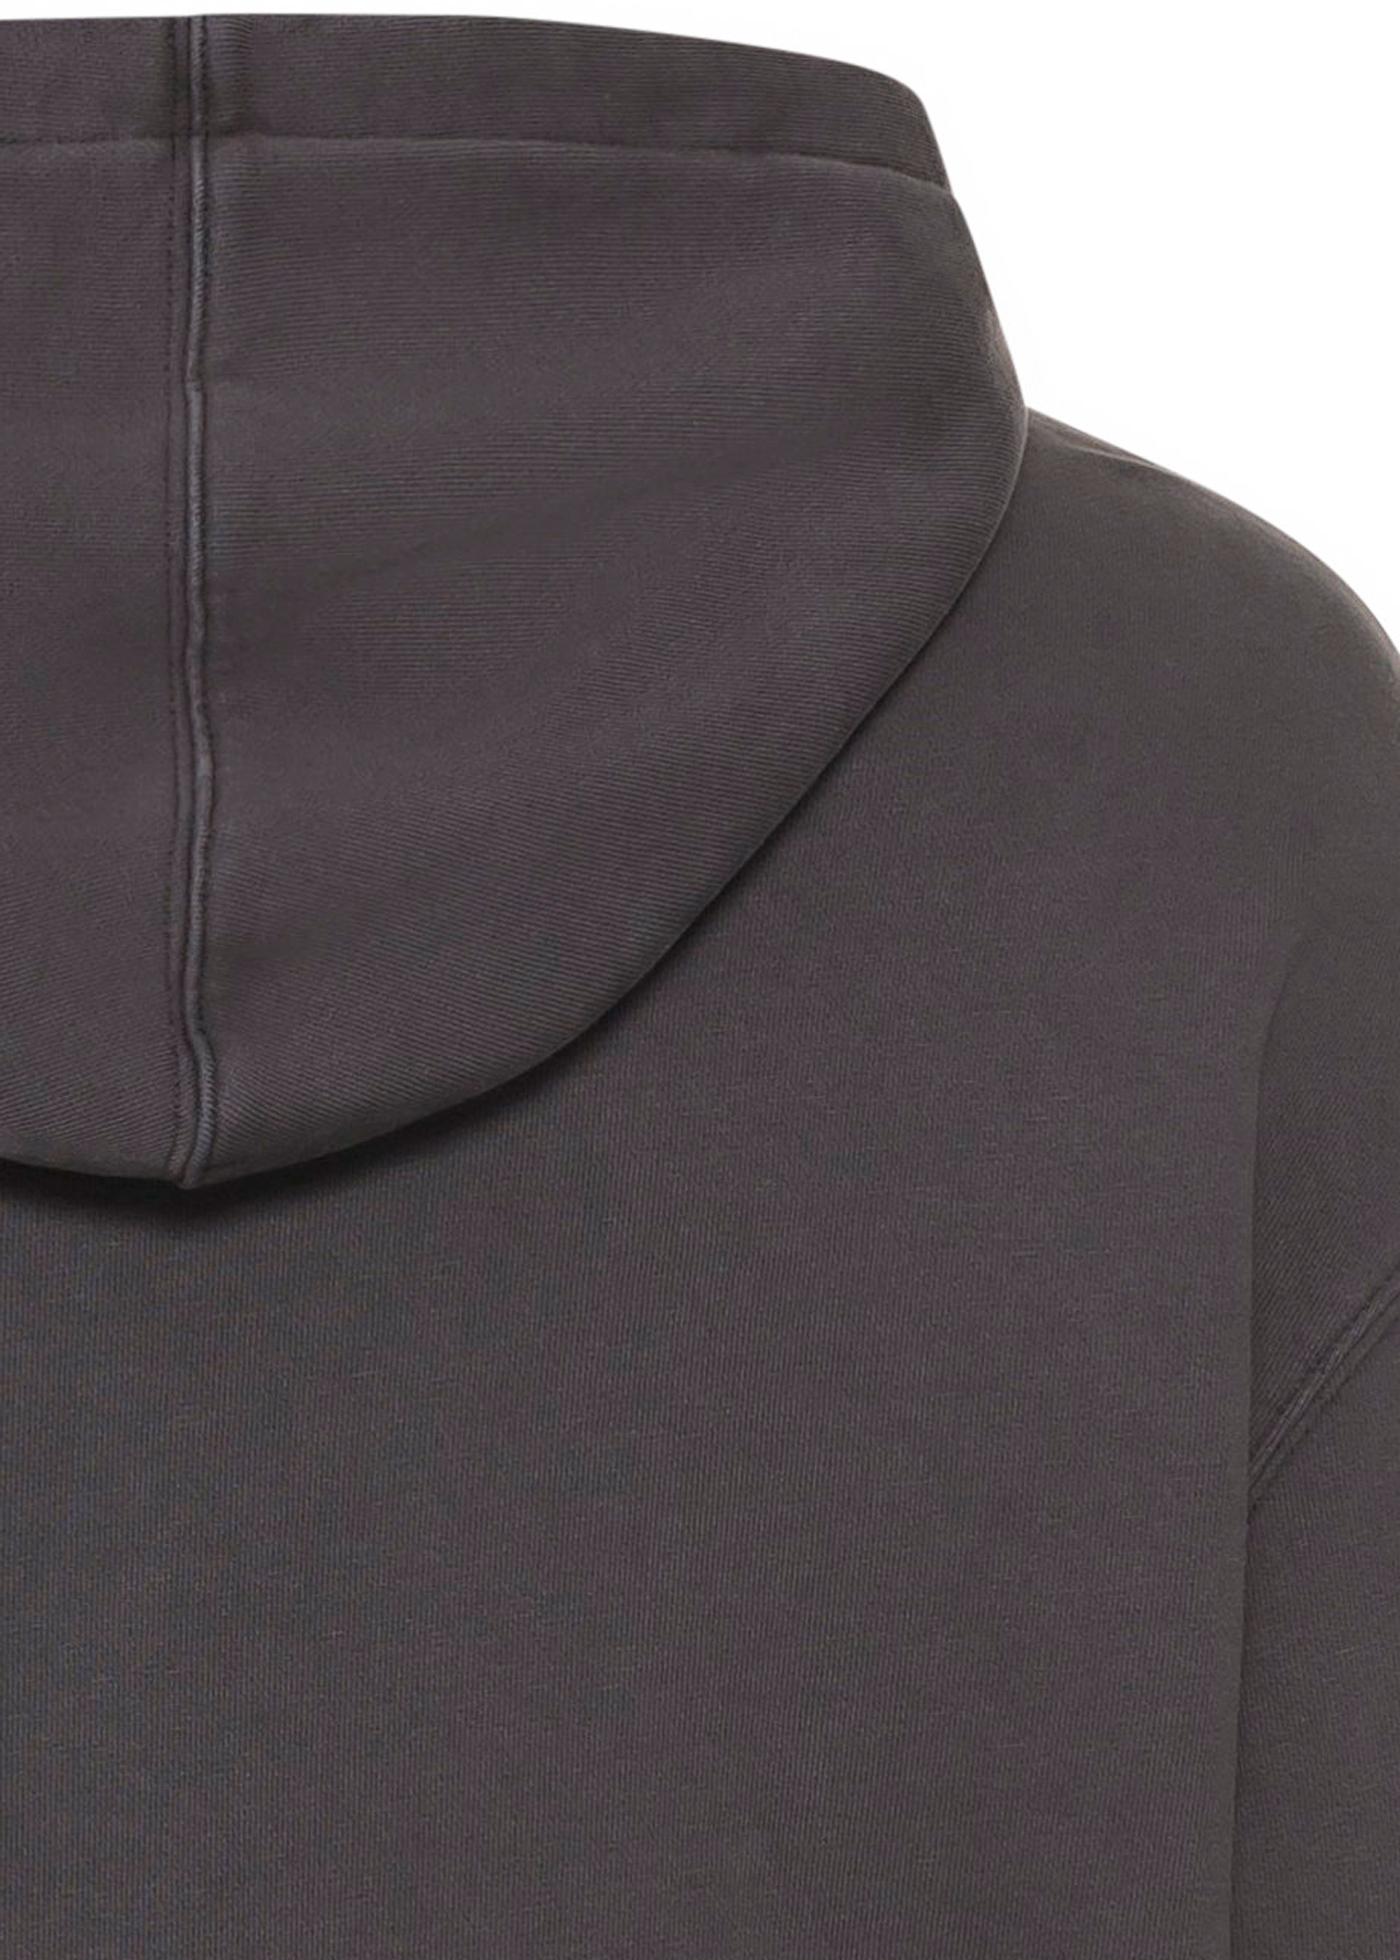 university biggie hoodie faded black image number 3